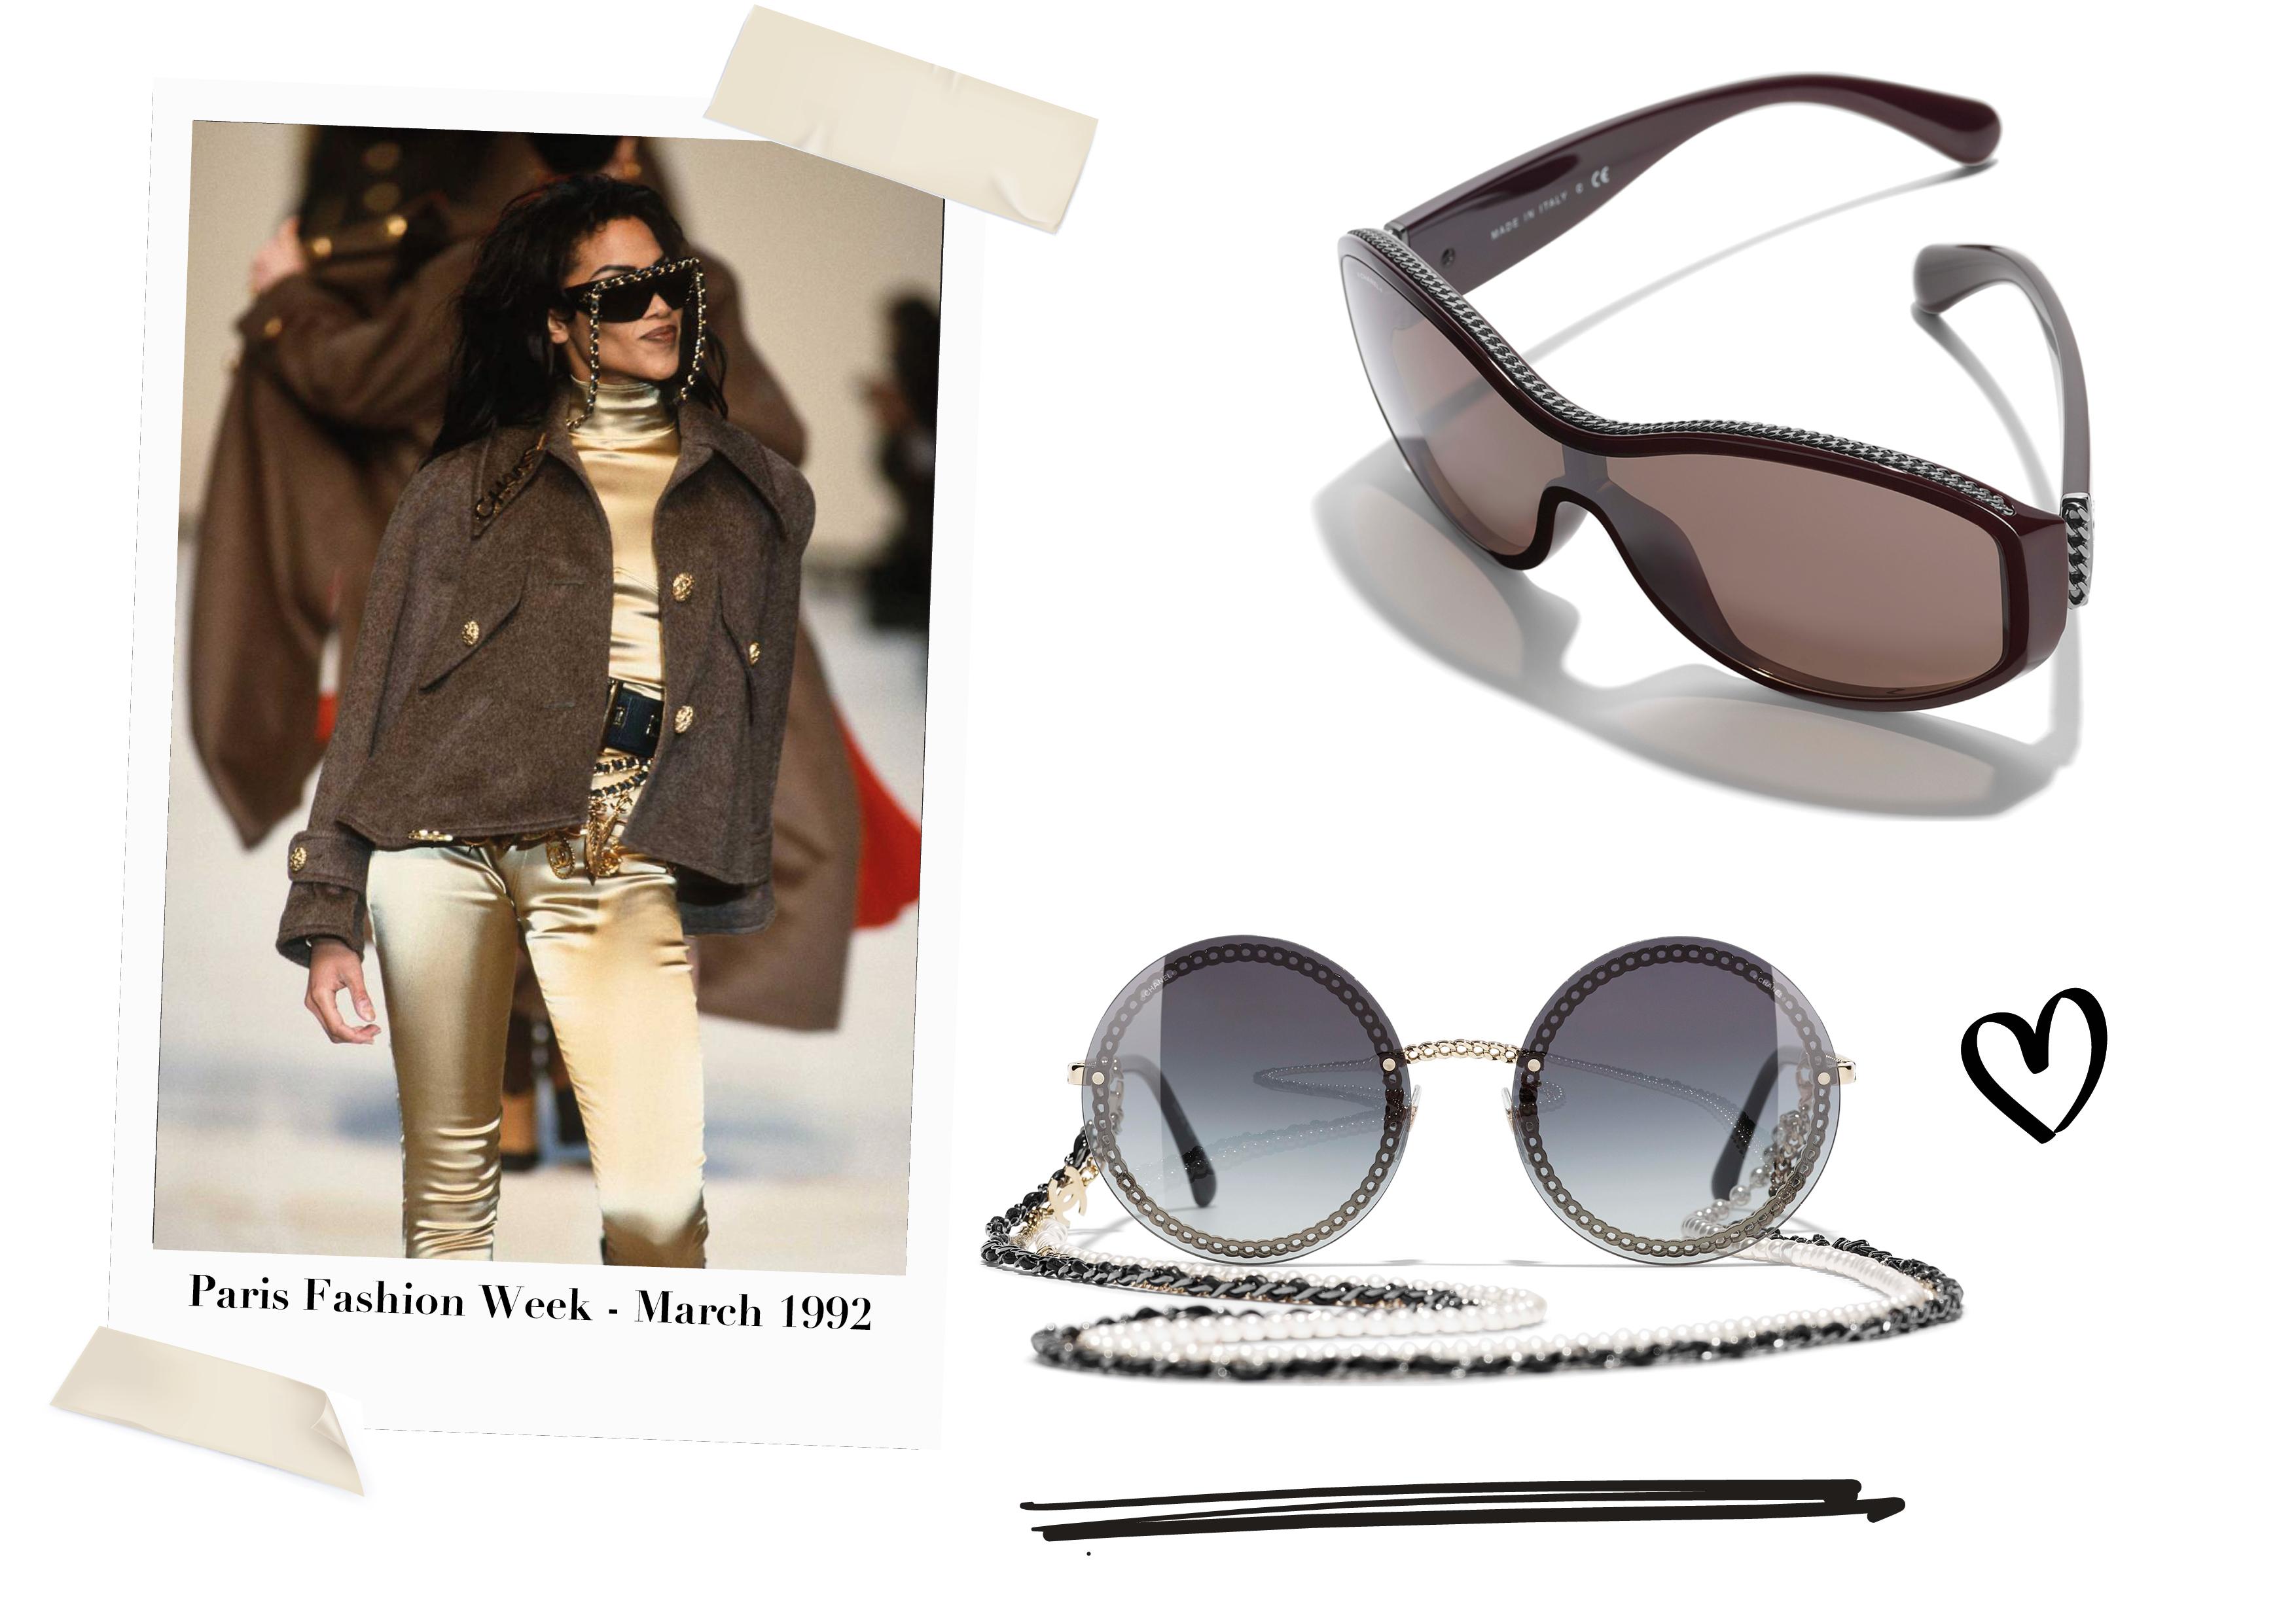 Chanel lente/zomer 2019: De comeback van de 'chain' brillenketting - optiek Lammerant